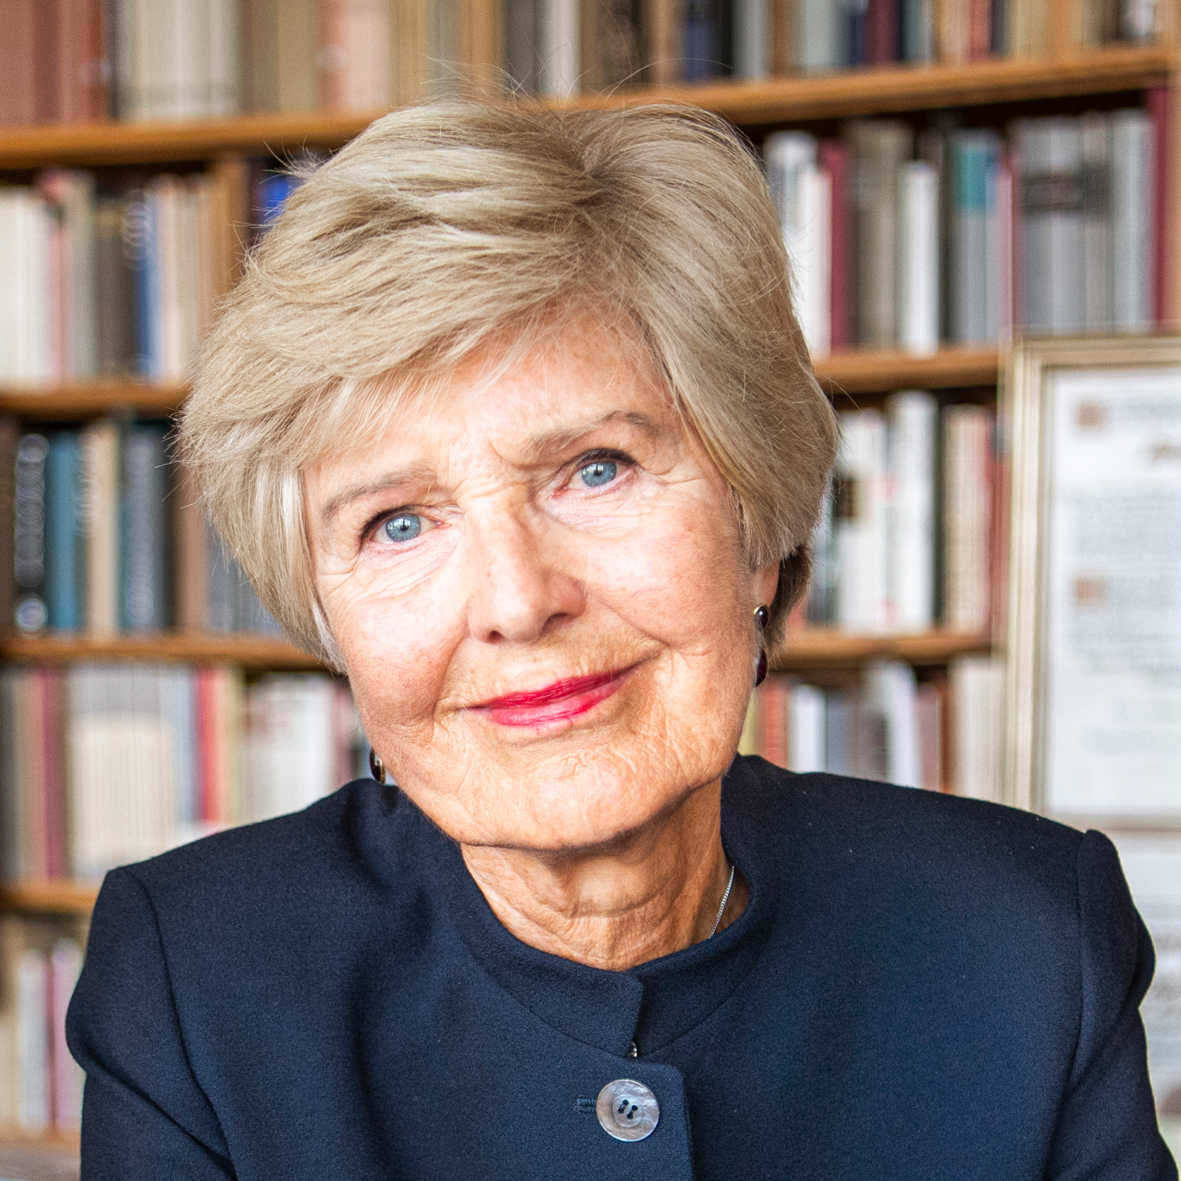 Dr. Dr. h.c. Friede Springer Vorstandsvorsitzende